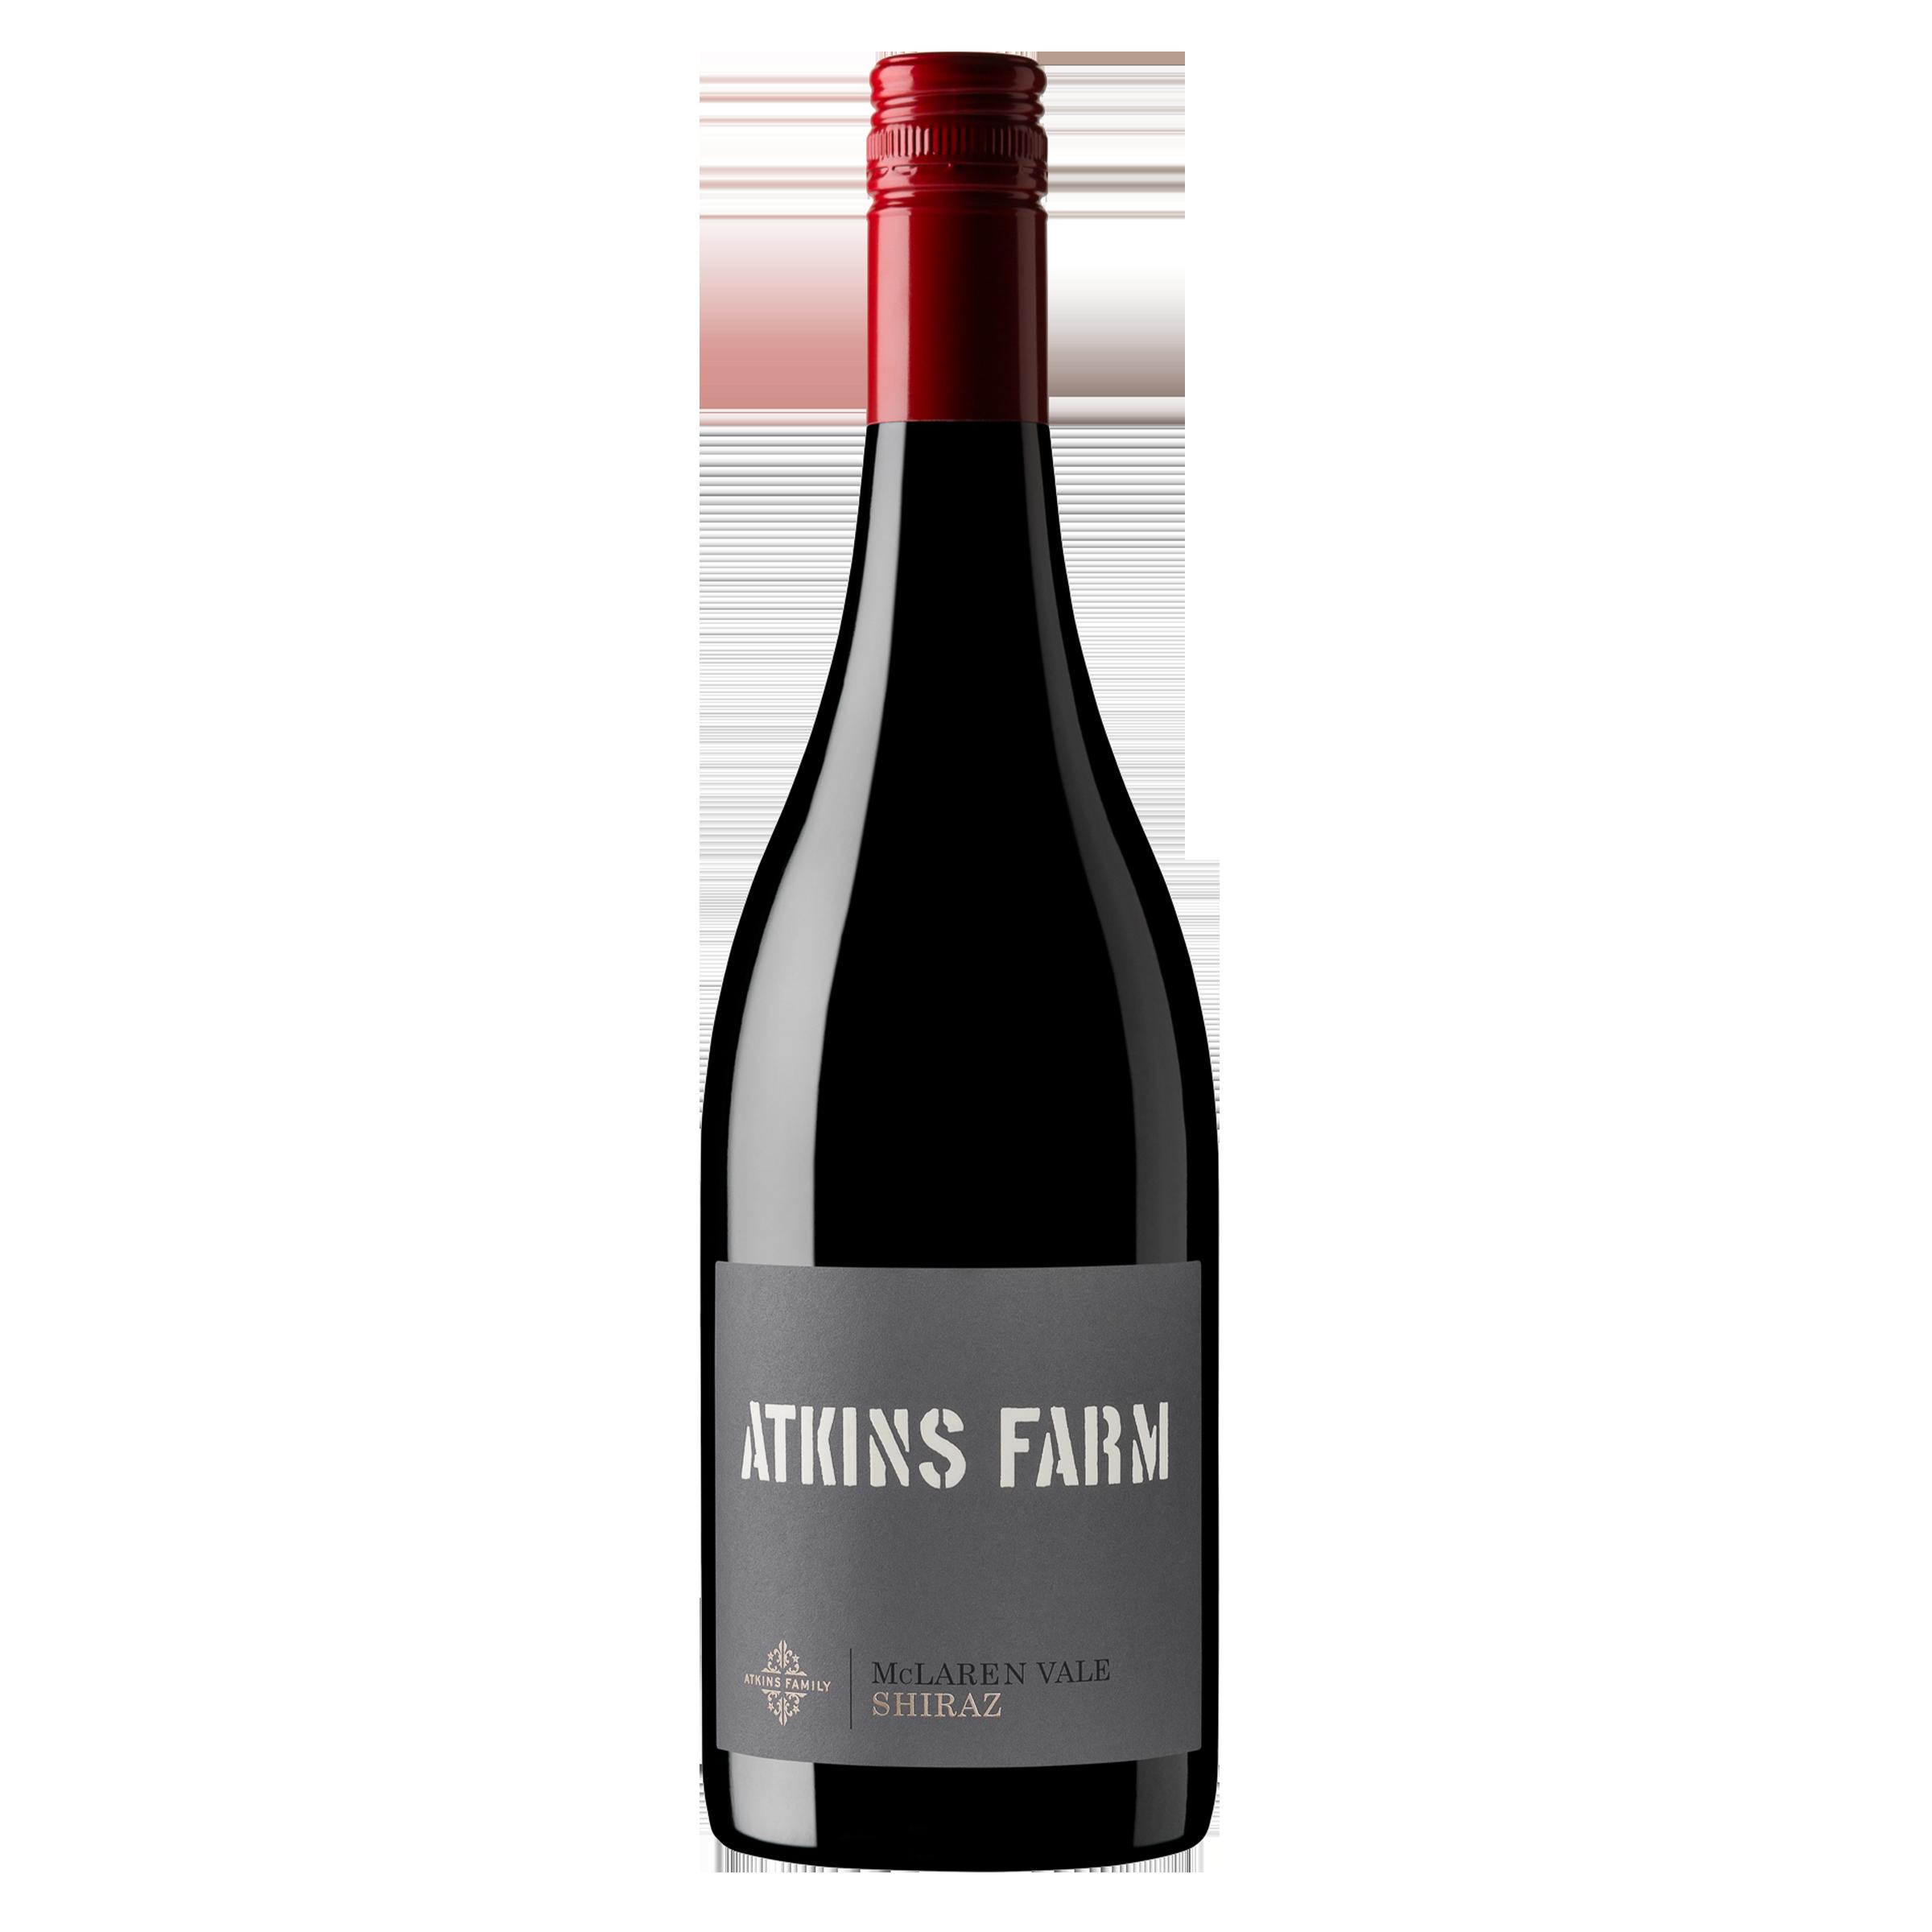 Atkins Farm McLaren Vale Shiraz 750ml 2018